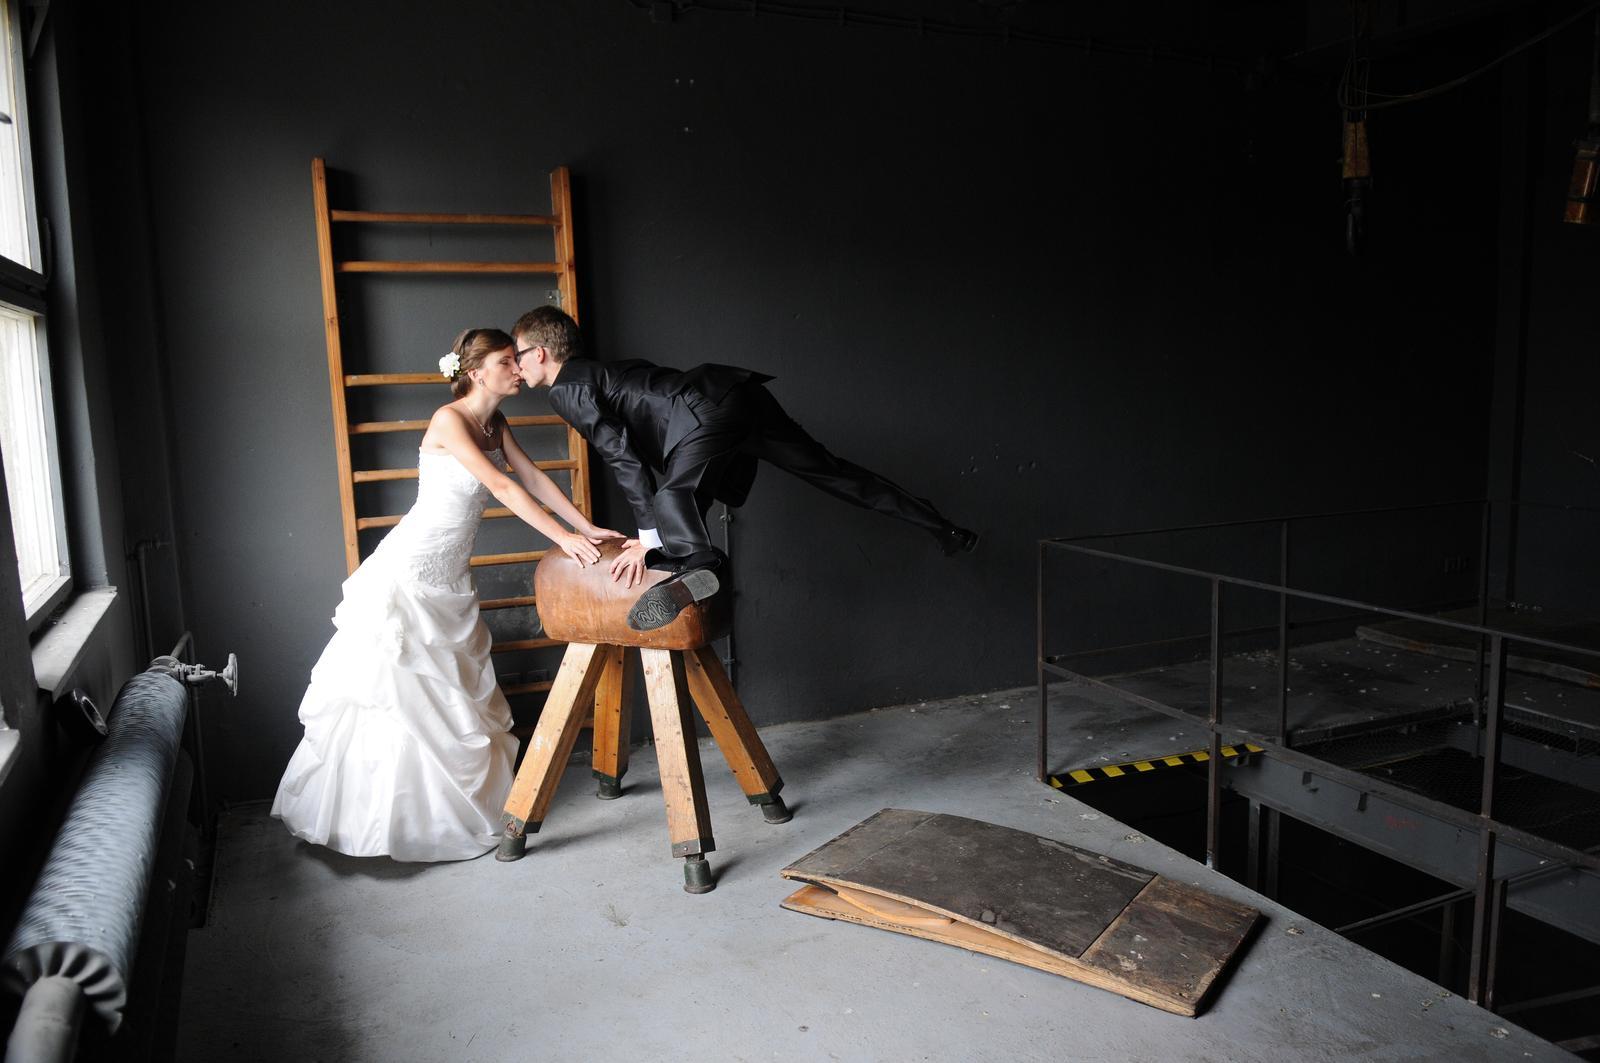 Origoš svadobný fotograf -... - Obrázok č. 1